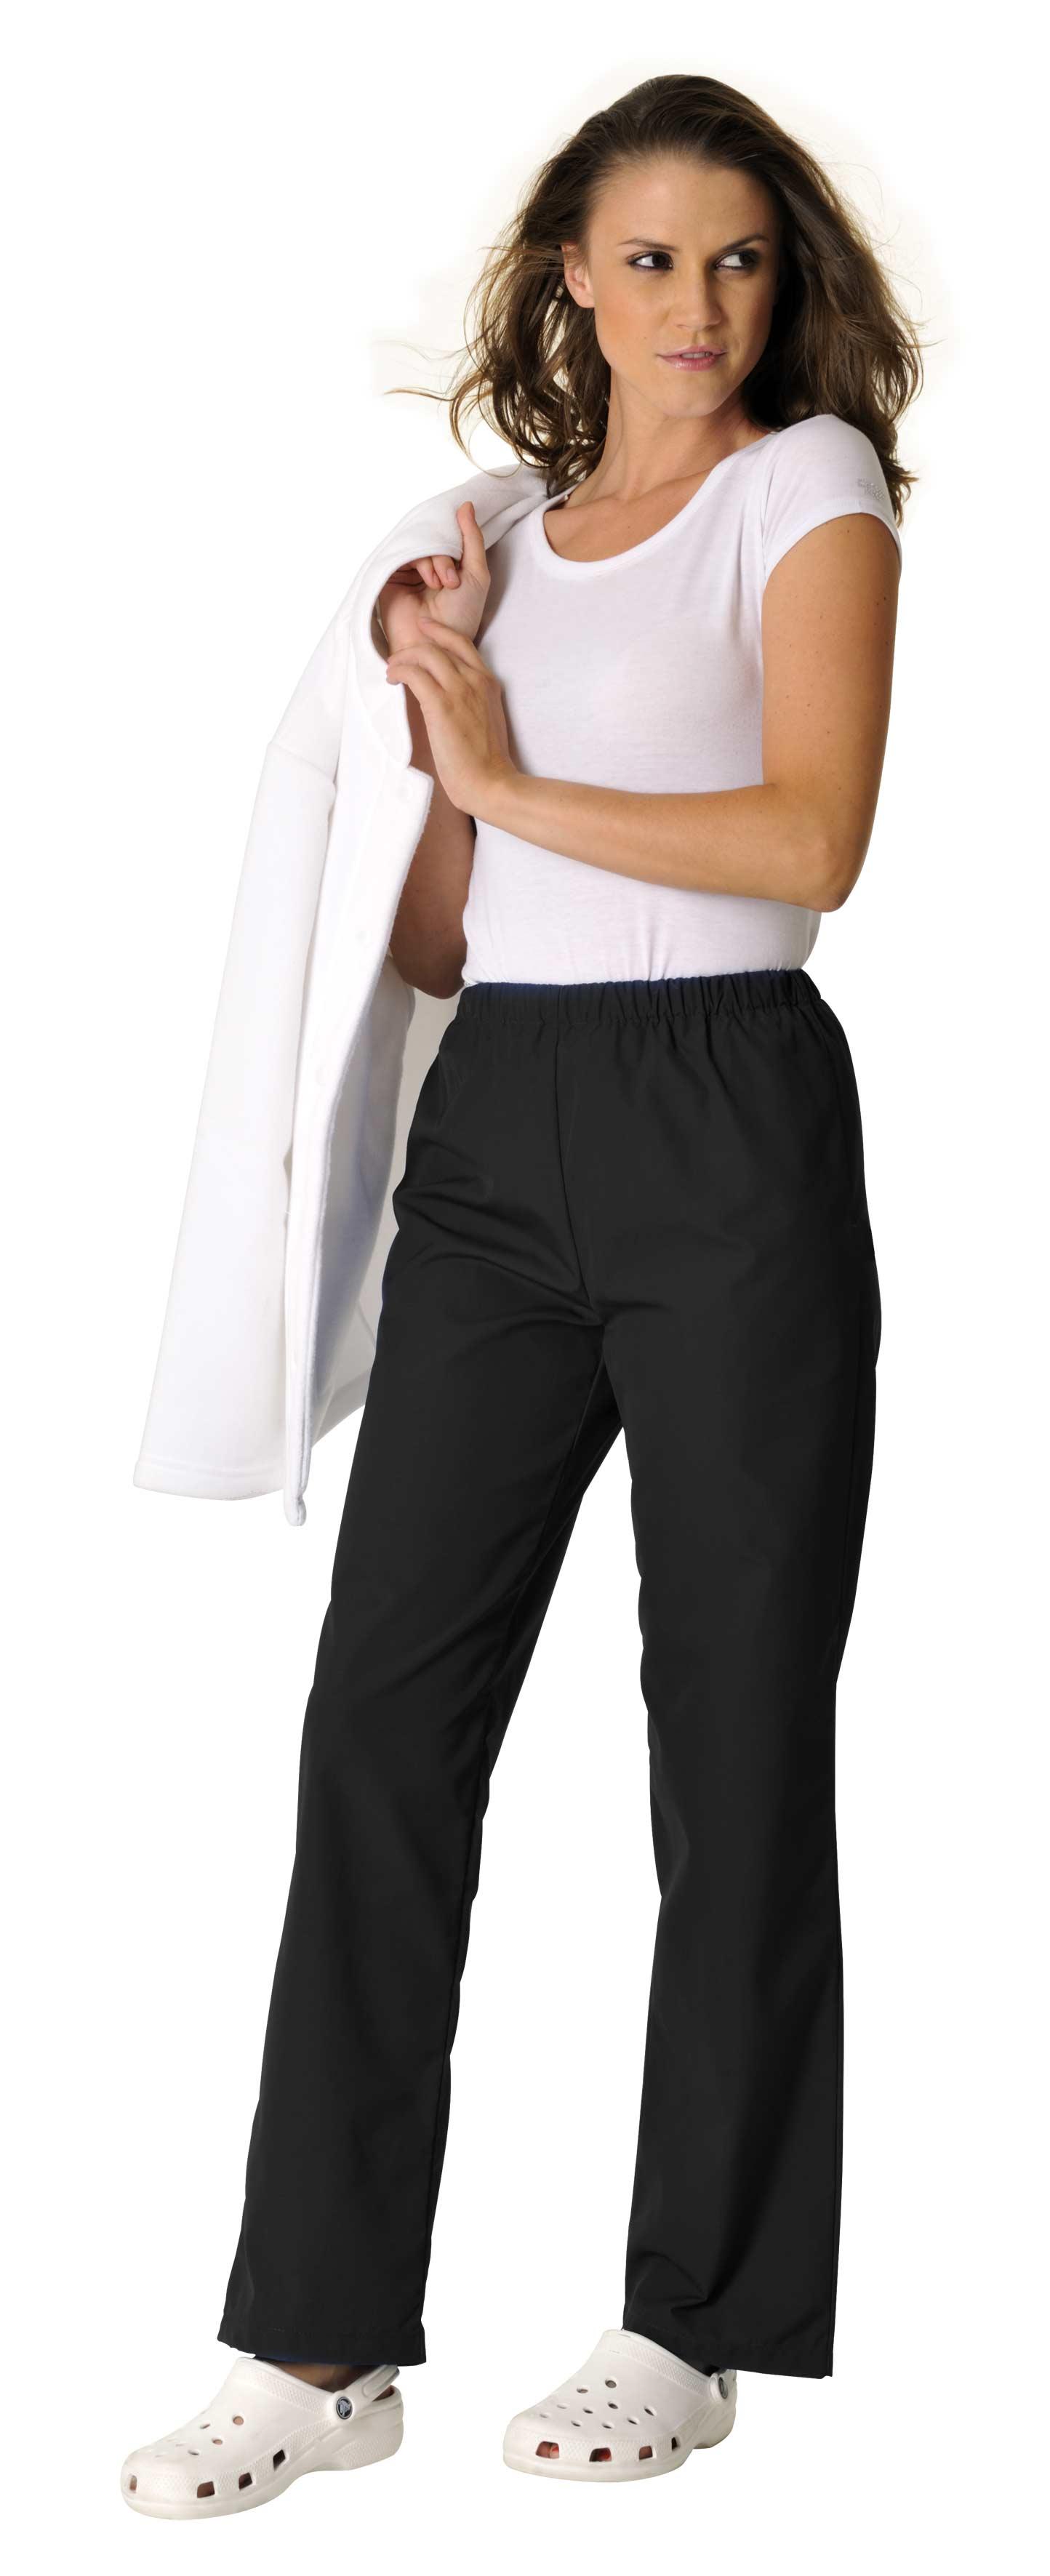 Pantalon mixte taille élastique